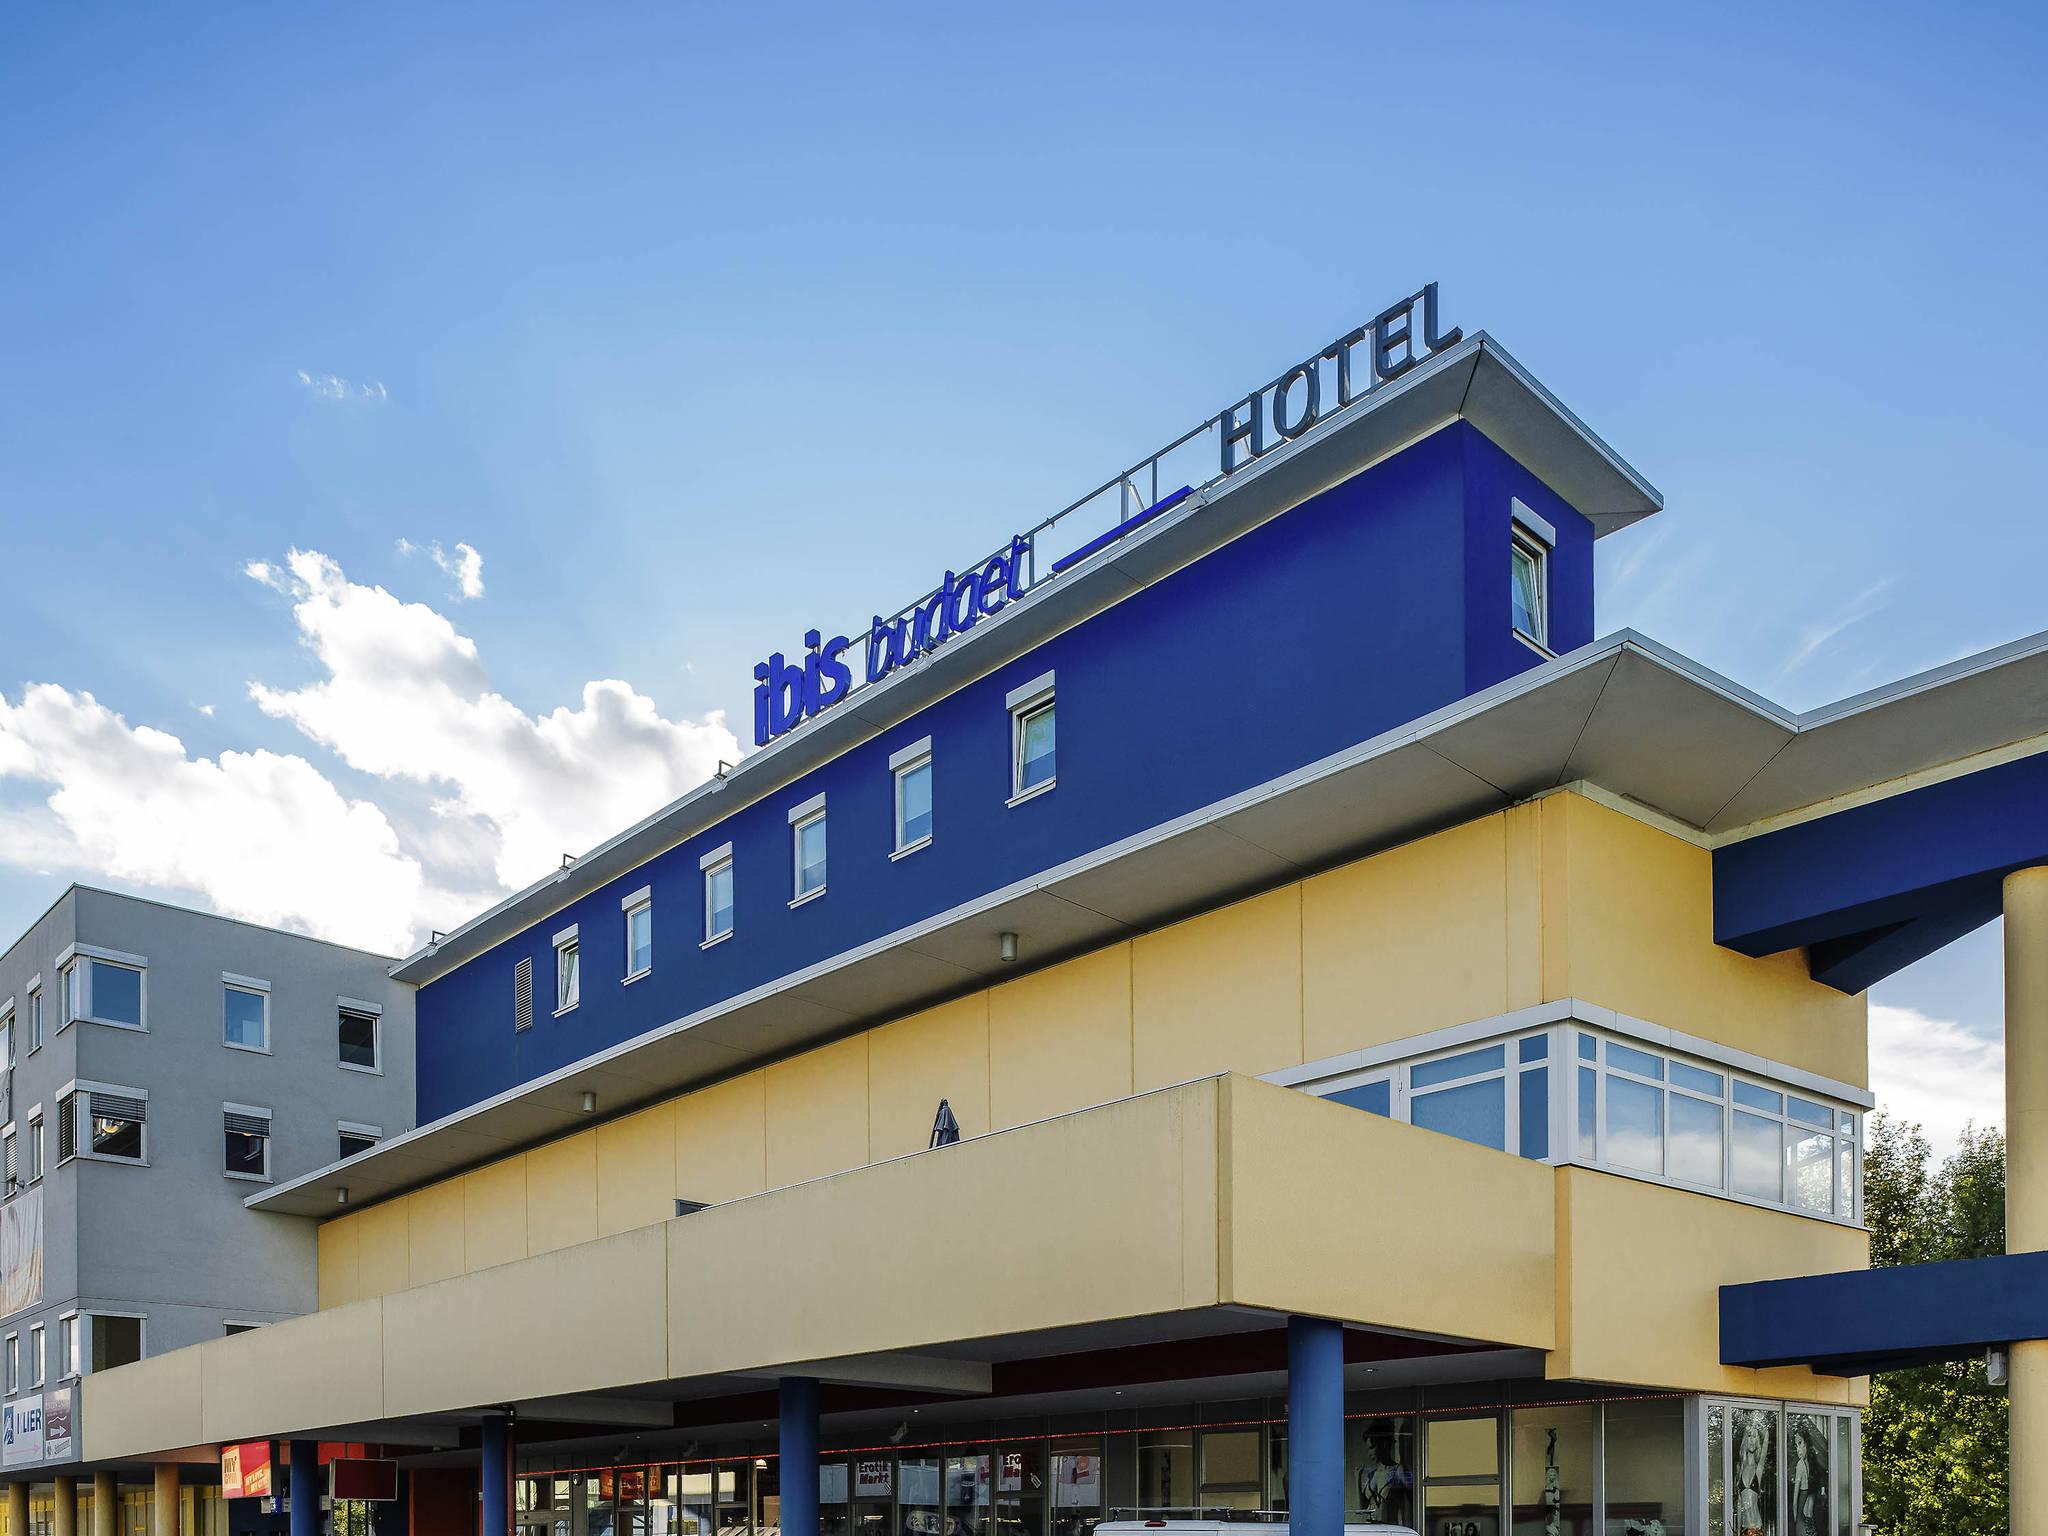 Hotel ibis budget salzburg airport